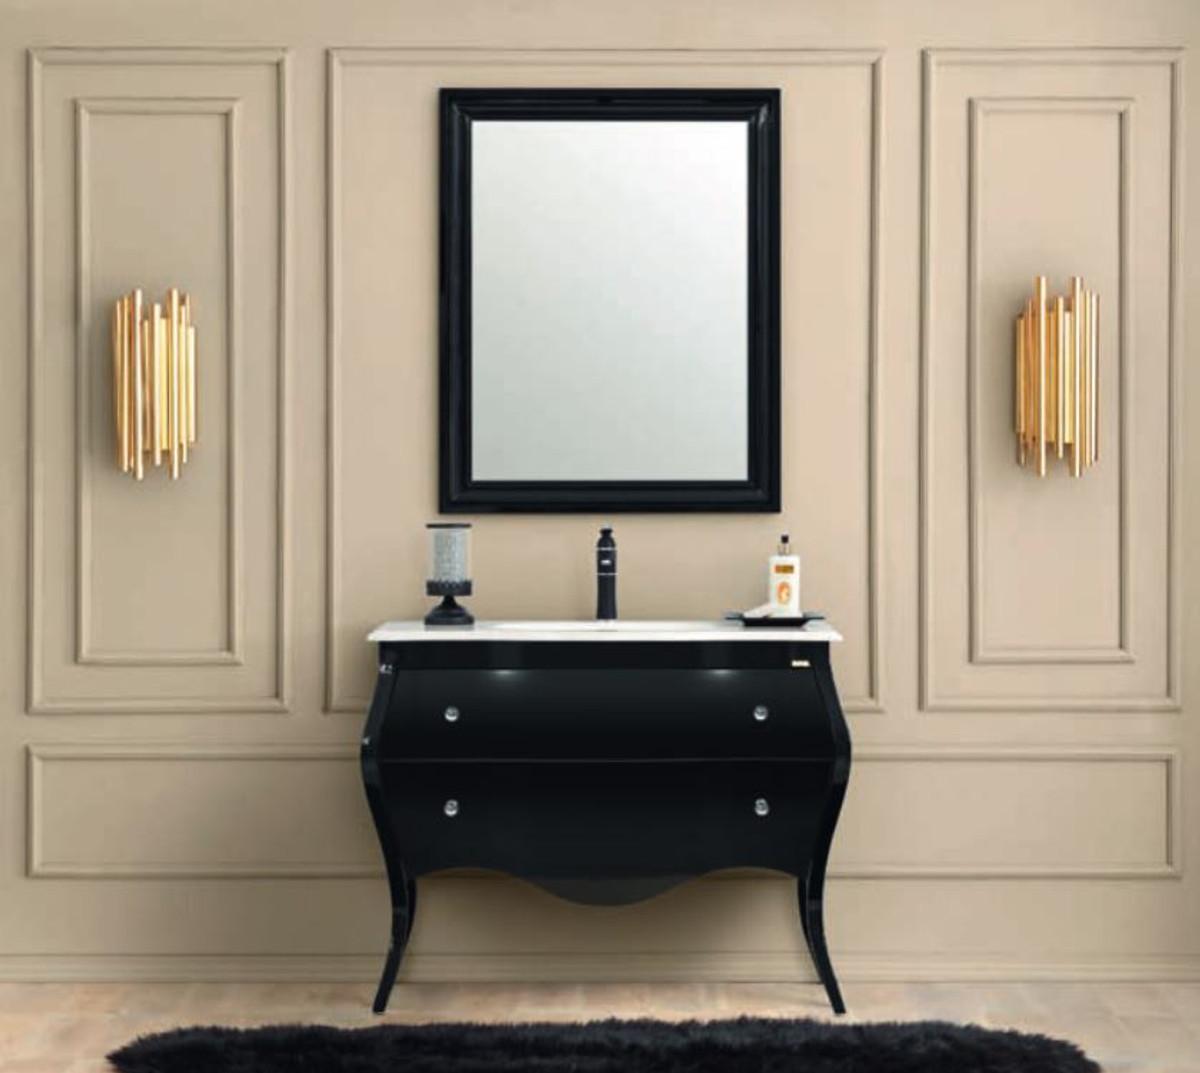 Casa Padrino Luxus Barock Badezimmer Set Schwarz Weiss 1 Waschtisch 1 Waschbecken 1 Wandspiegel Badezimmer Mobel Im Barockstil